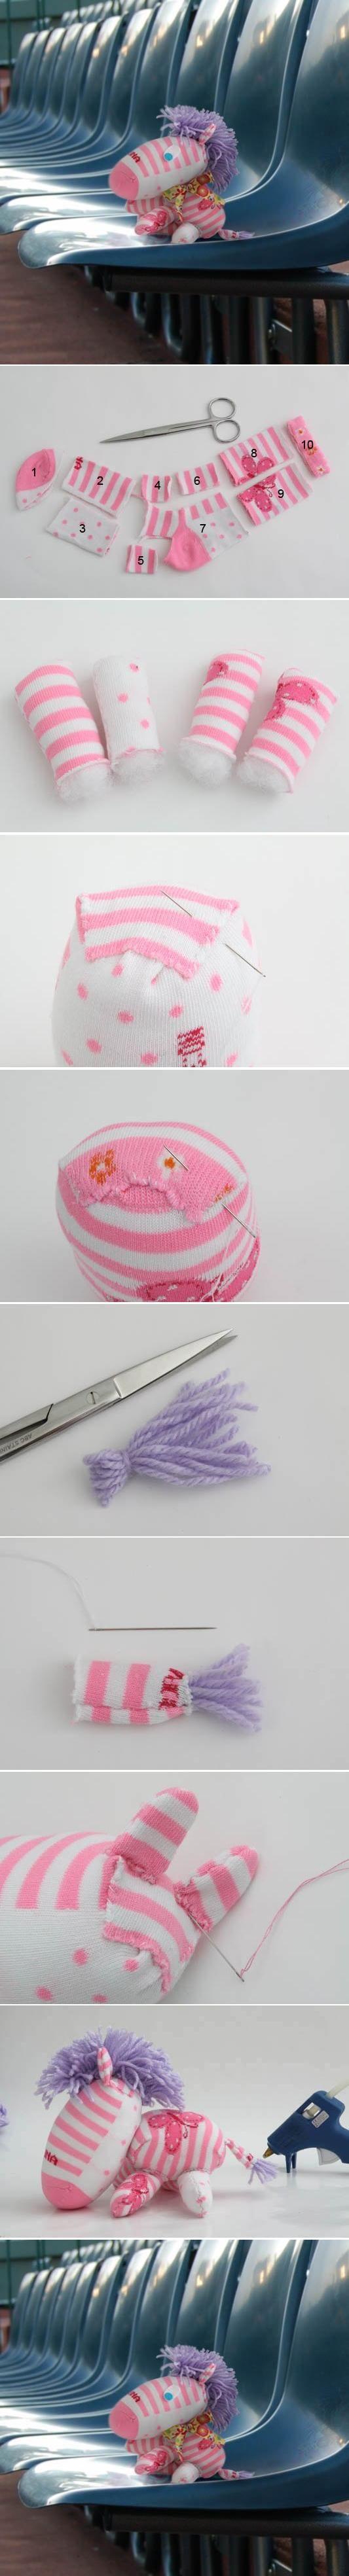 DIY Little Sock Zebra